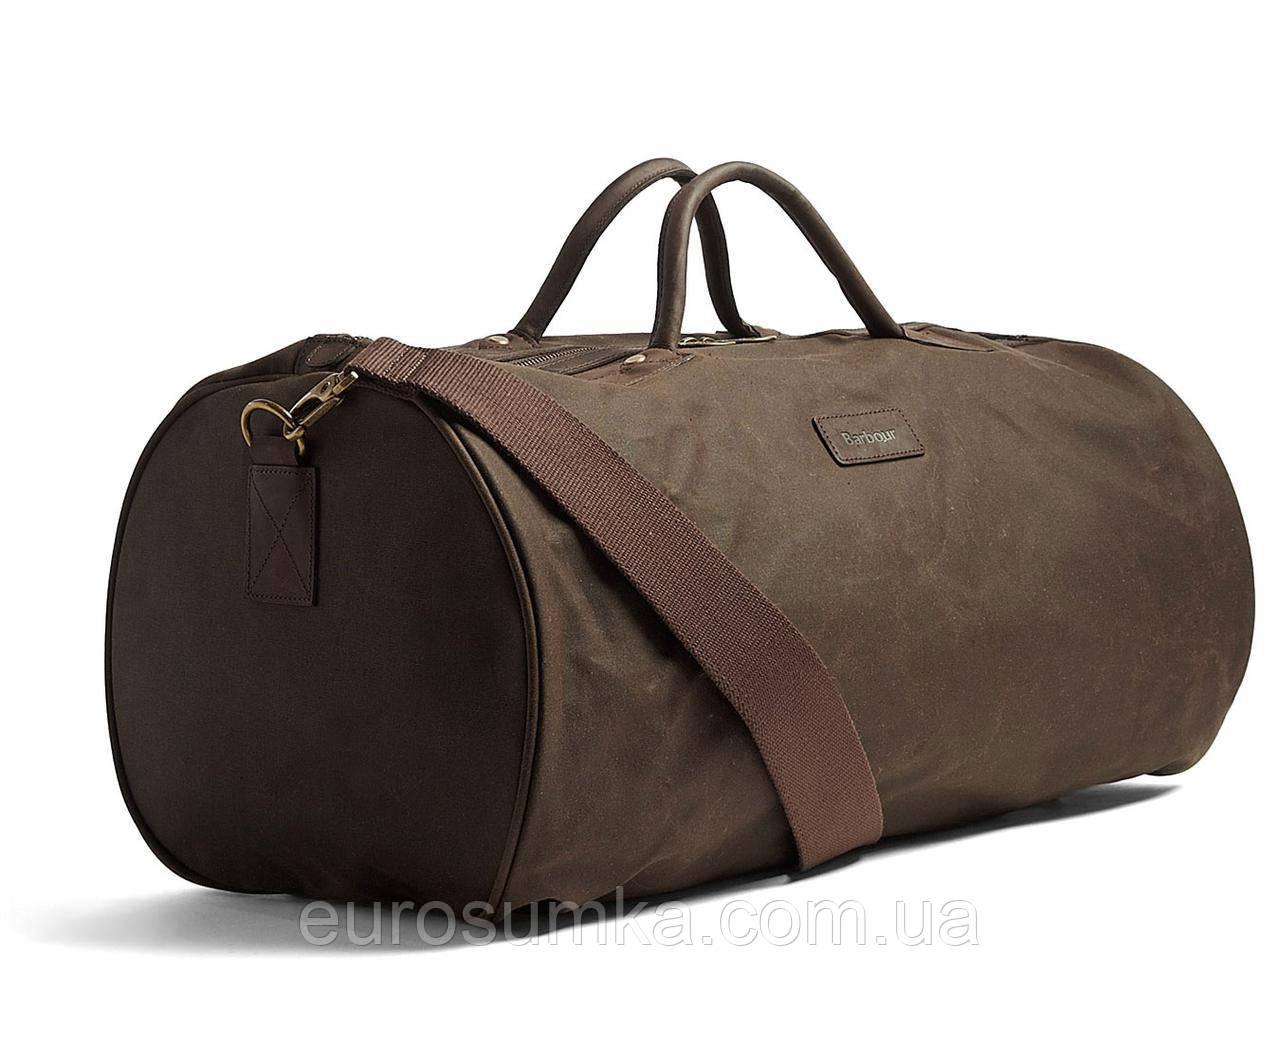 Спортивные сумки с логотипом от 20 шт. Пошив на заказ.